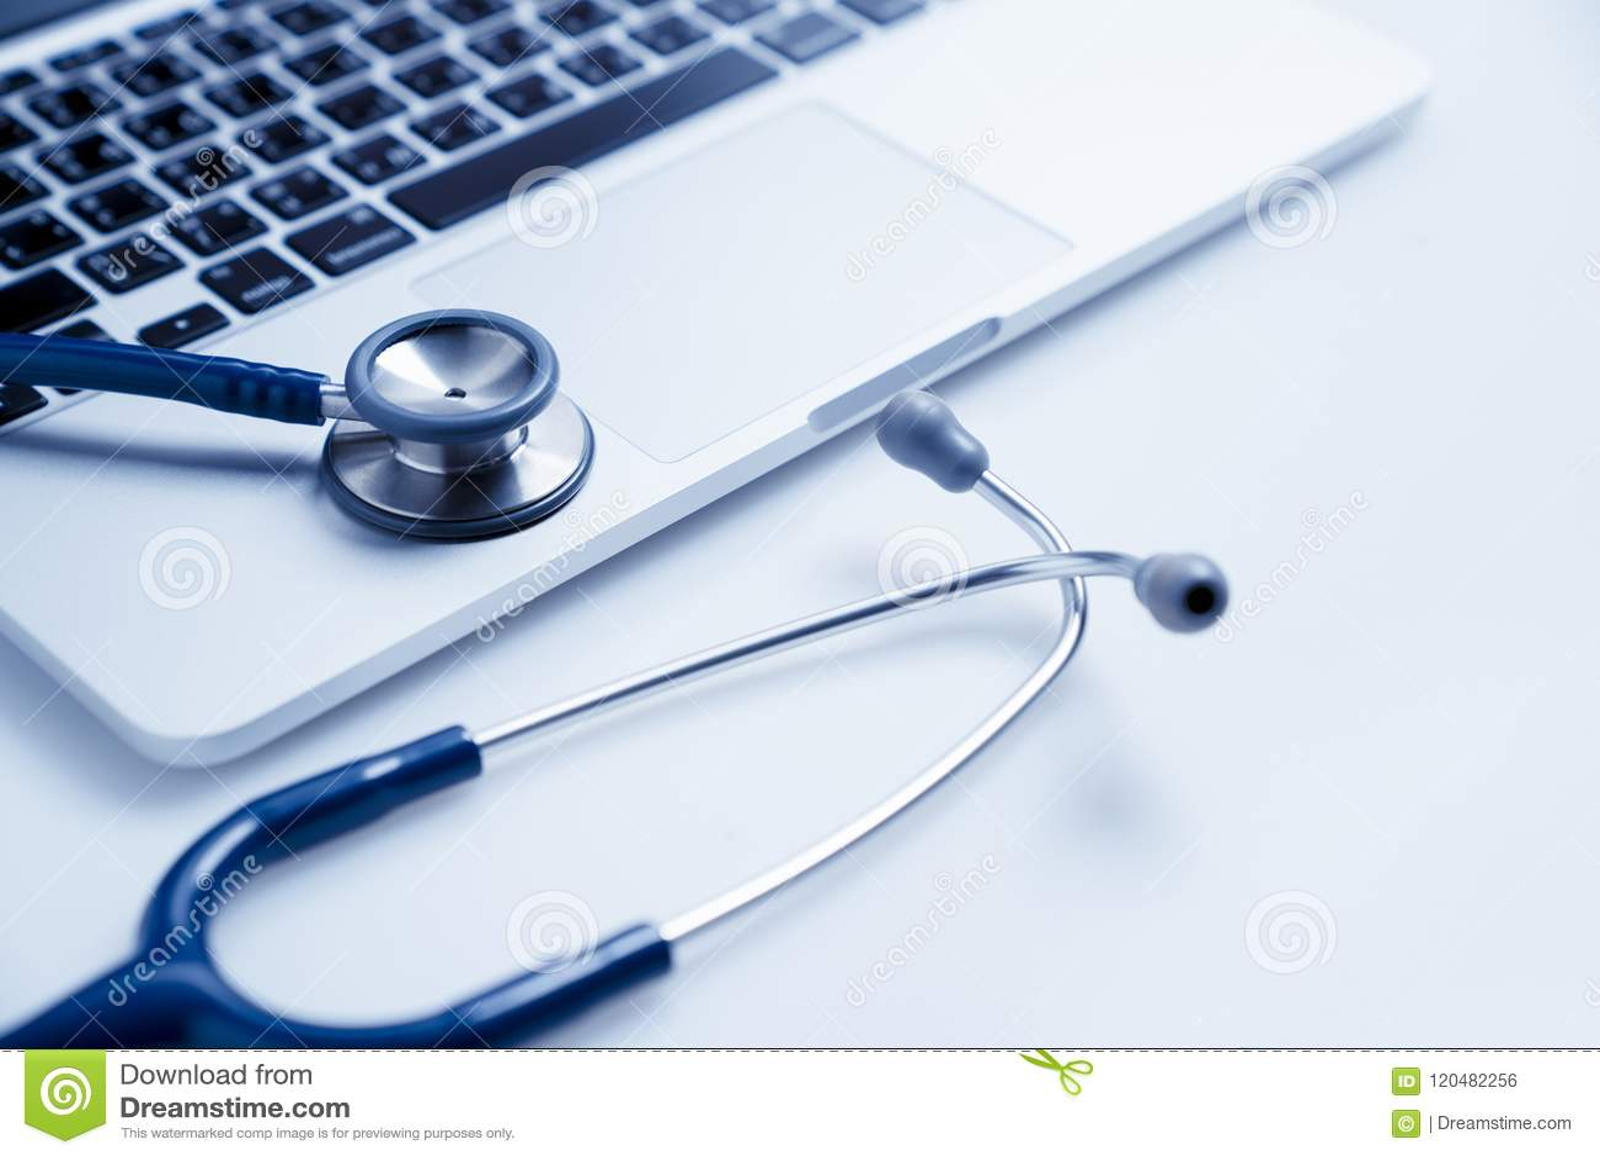 Stethoskop auf Laptop, Gesundheitswesen- und Medizin- oder Computervirenschutz und Reparaturwartungsservicekonzept